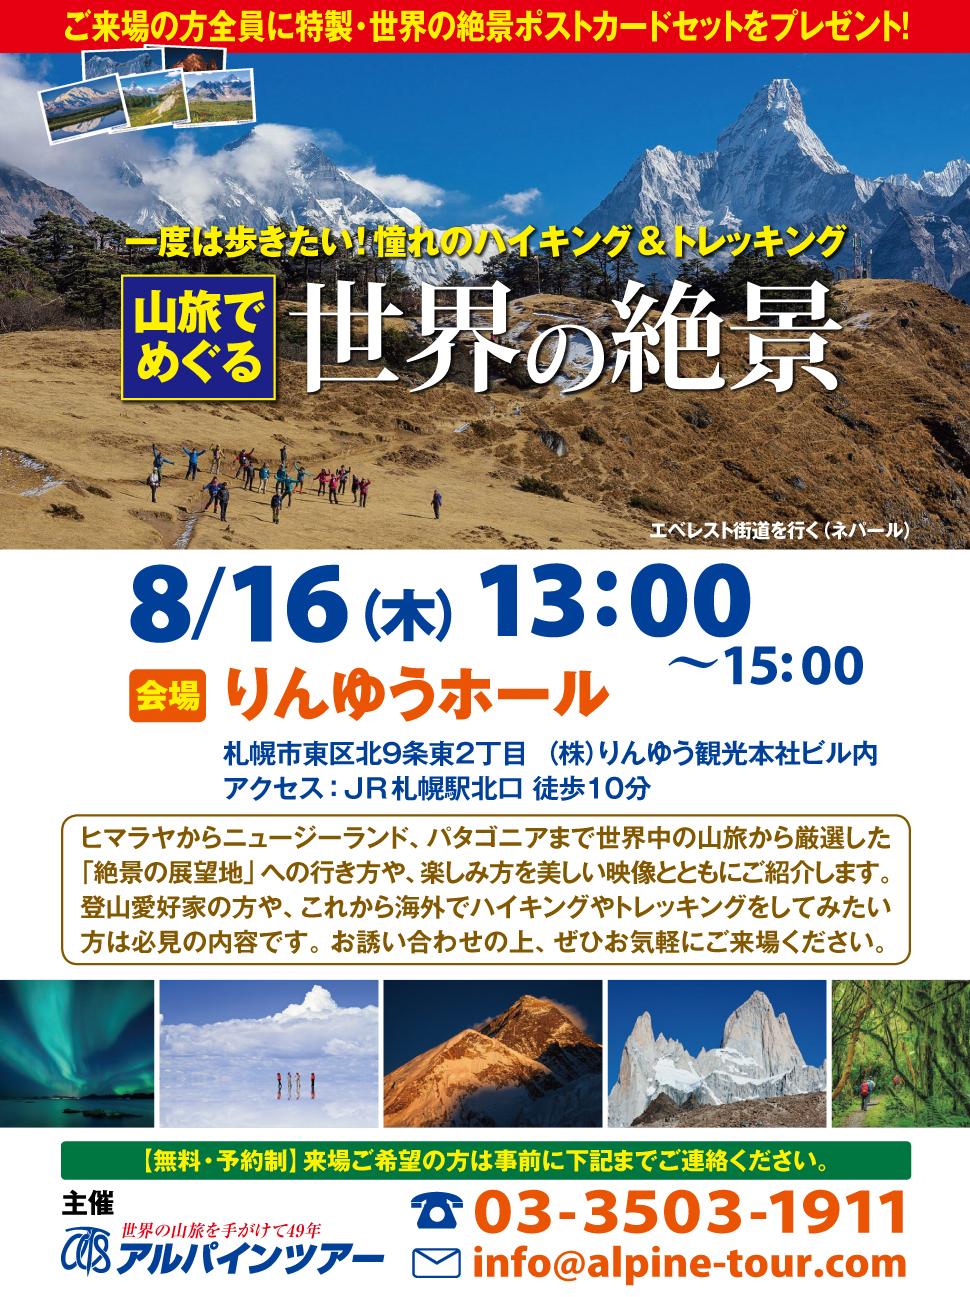 札幌で開催!!『山旅でめぐる世界の絶景』